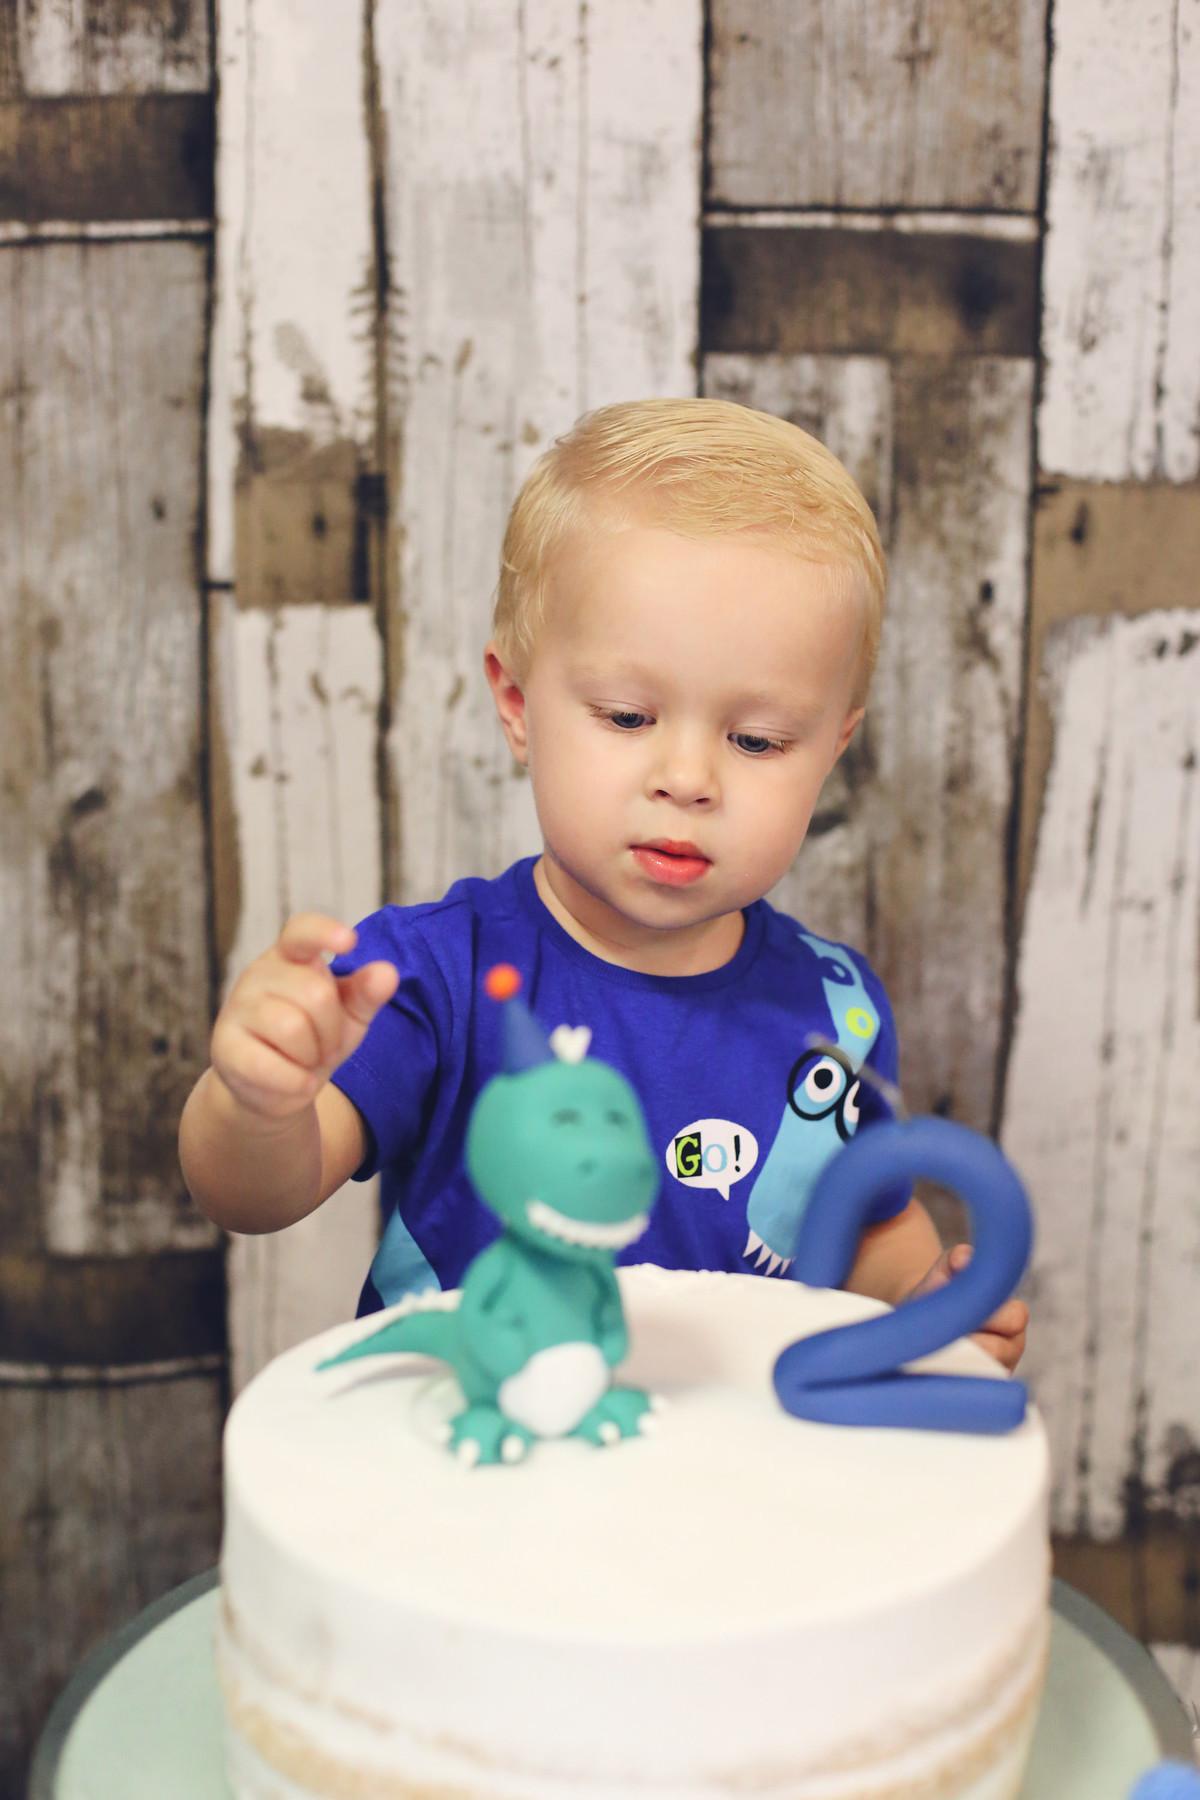 aniversário - Enzo 2 anos - jaraguá do sul - chroma fotografia